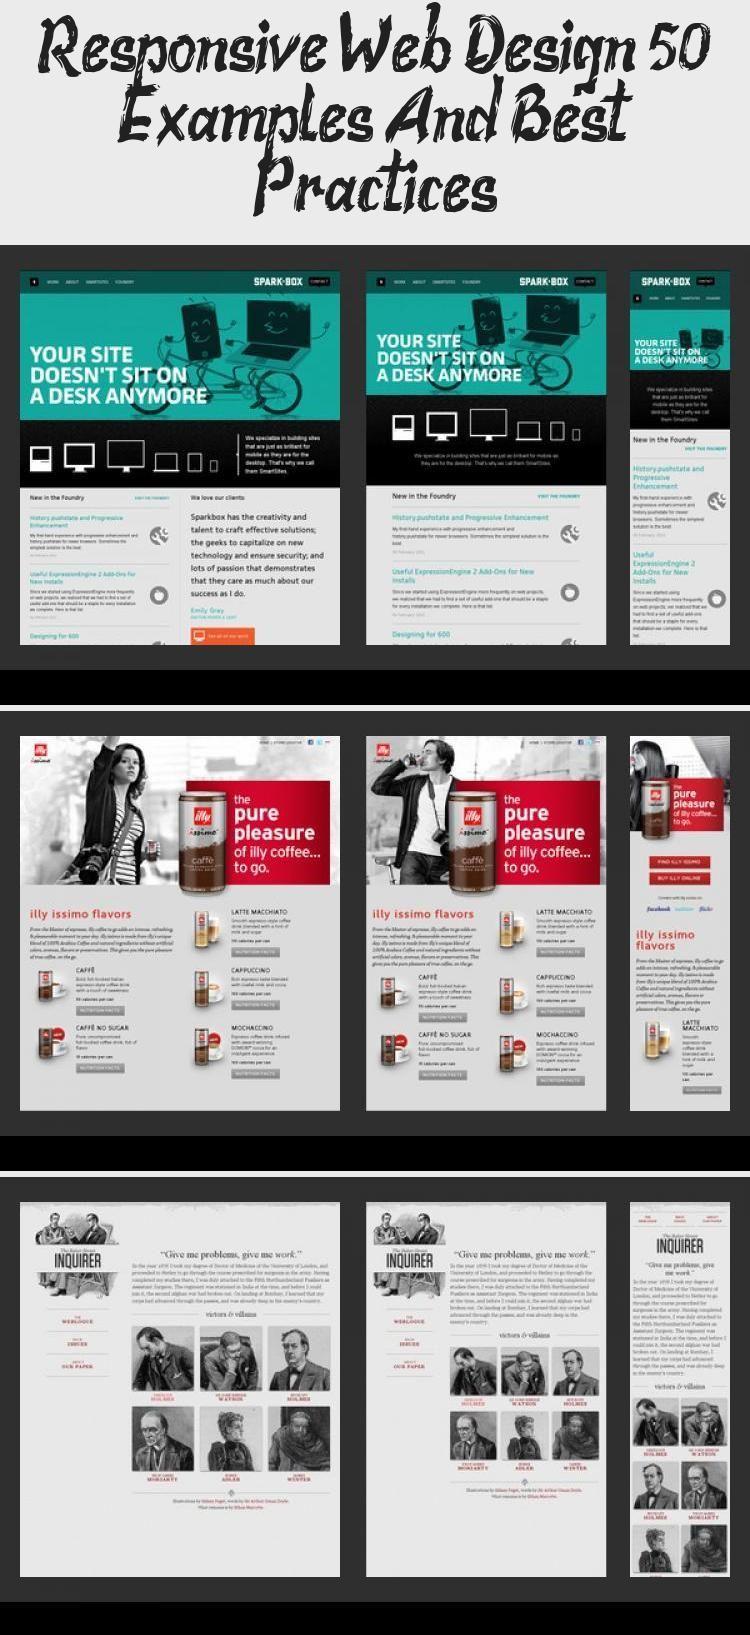 Responsive Web Design 50 Examples And Best Practices Design Design Examples Practices Responsive Web En 2020